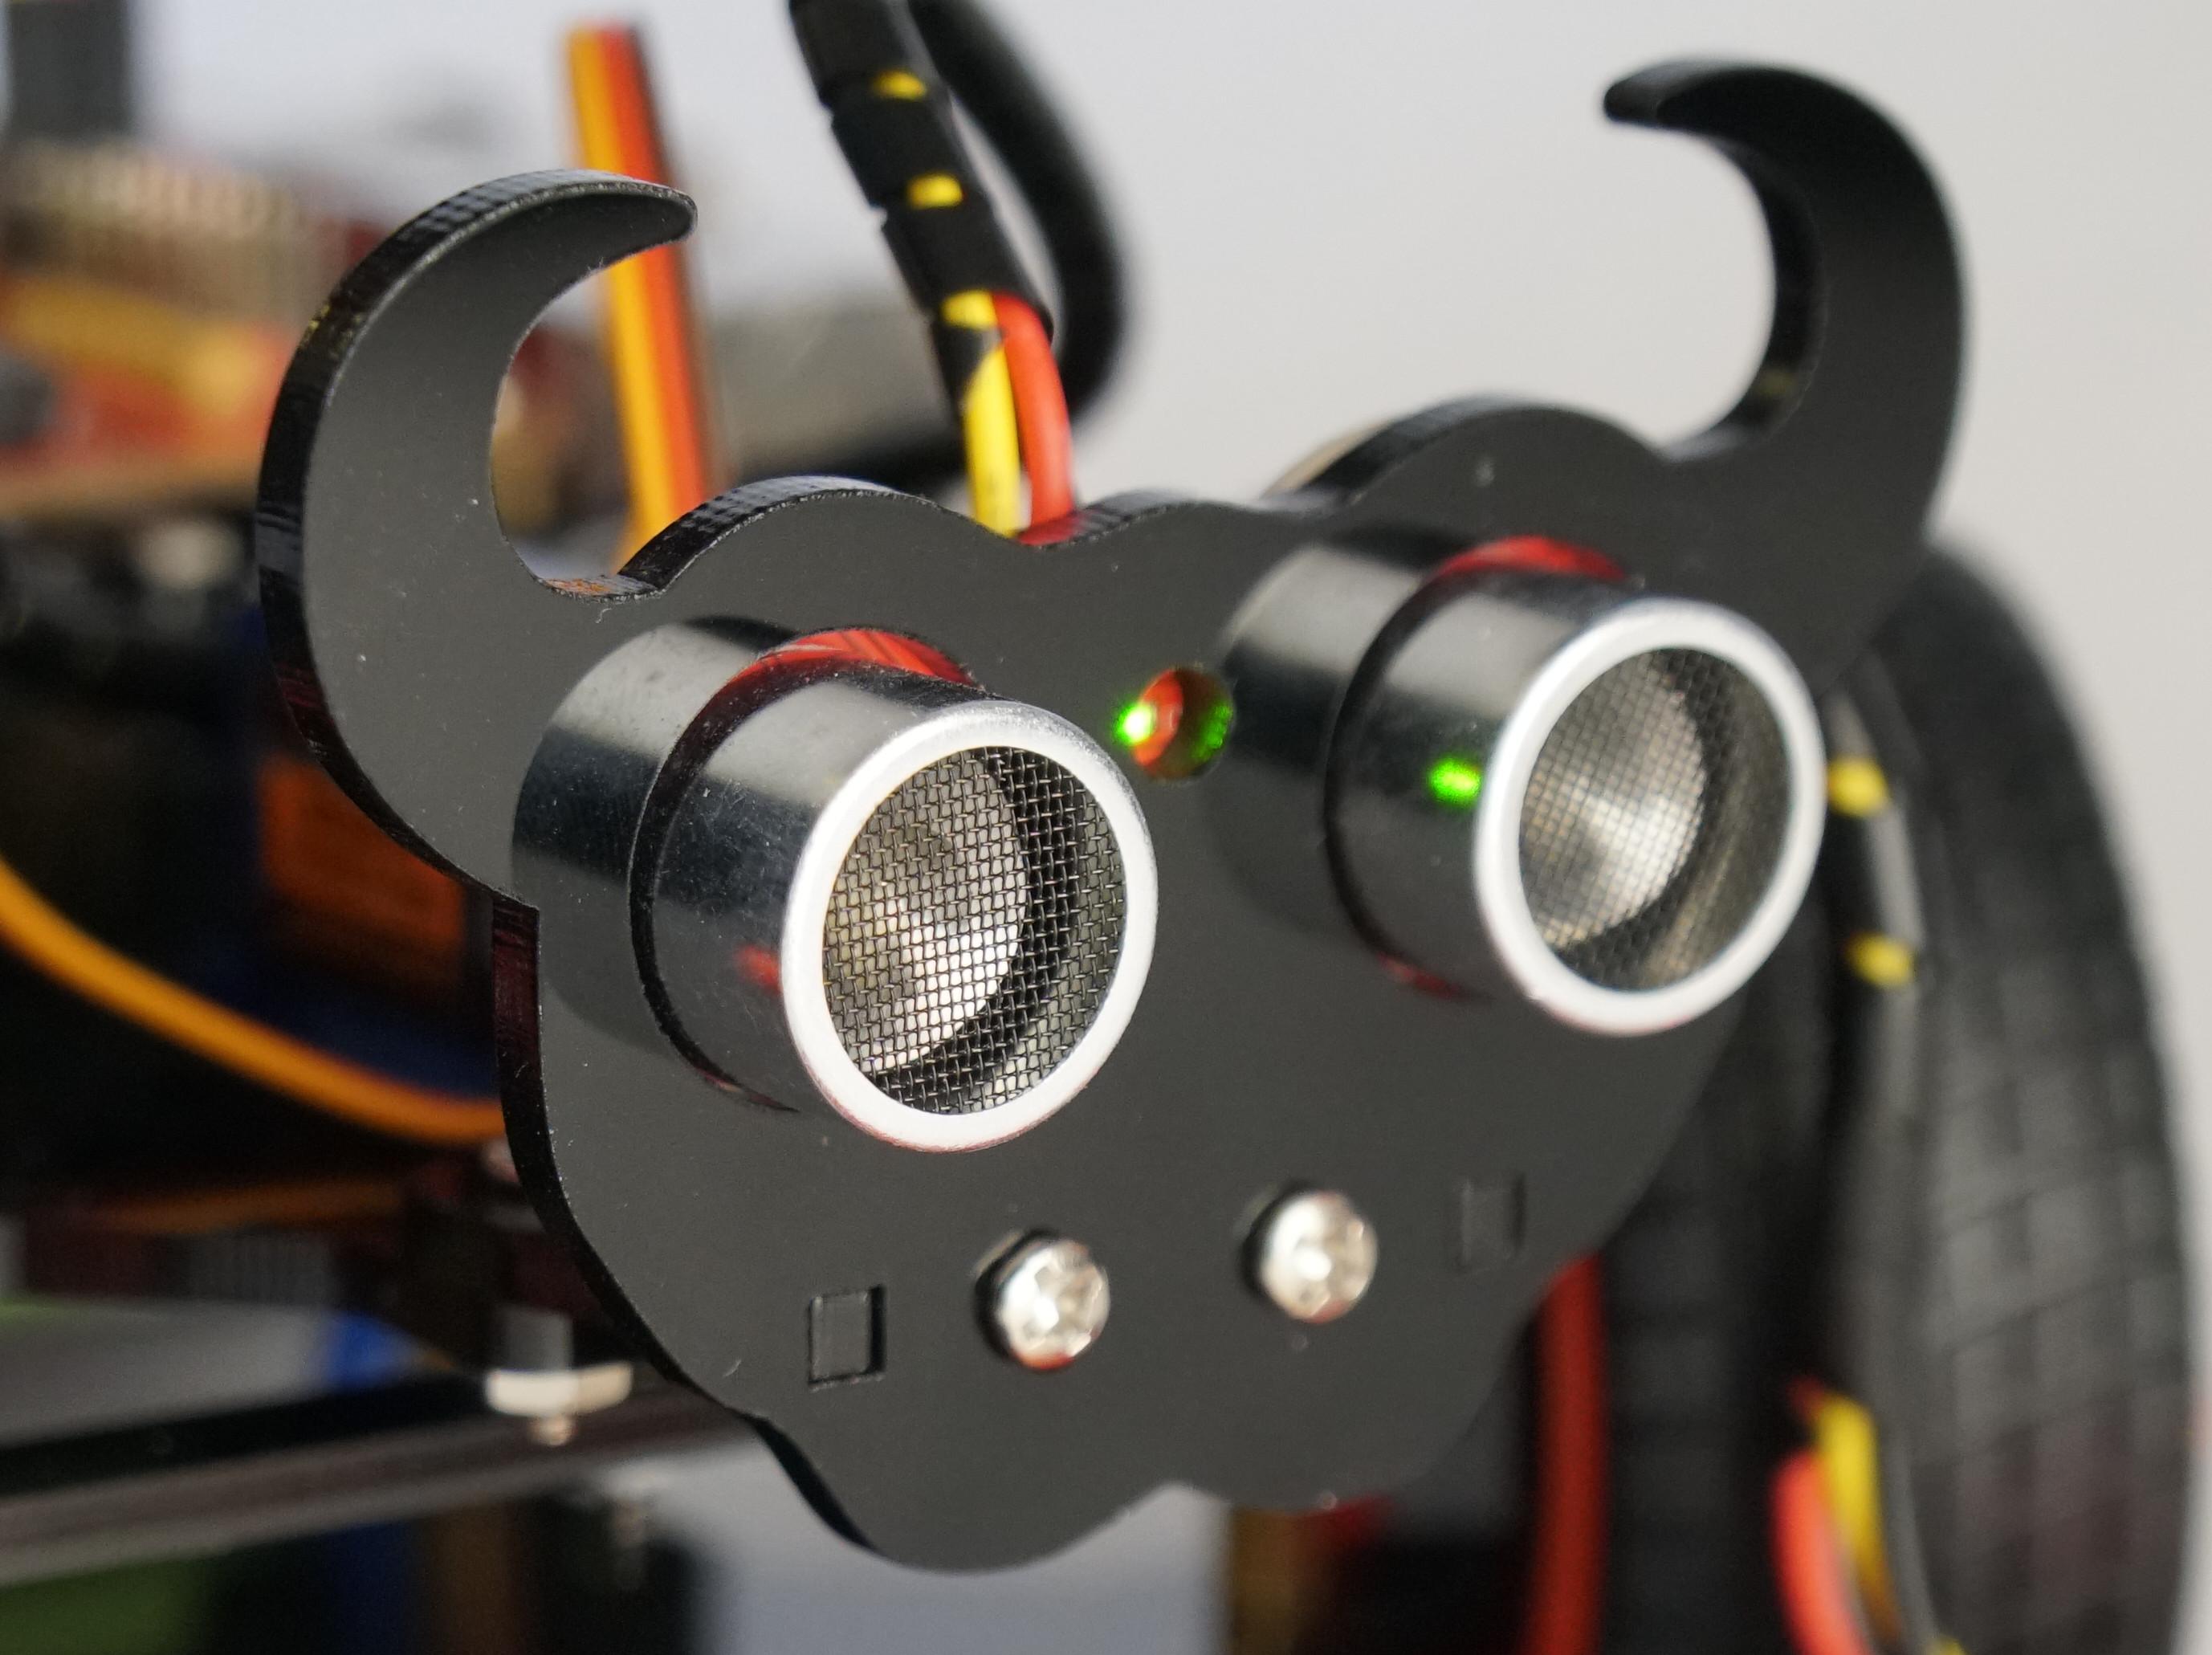 Ultraschall Entfernungsmesser Selber Bauen : Entfernungsmessung mit dem hc sr ultraschall sensor und einem